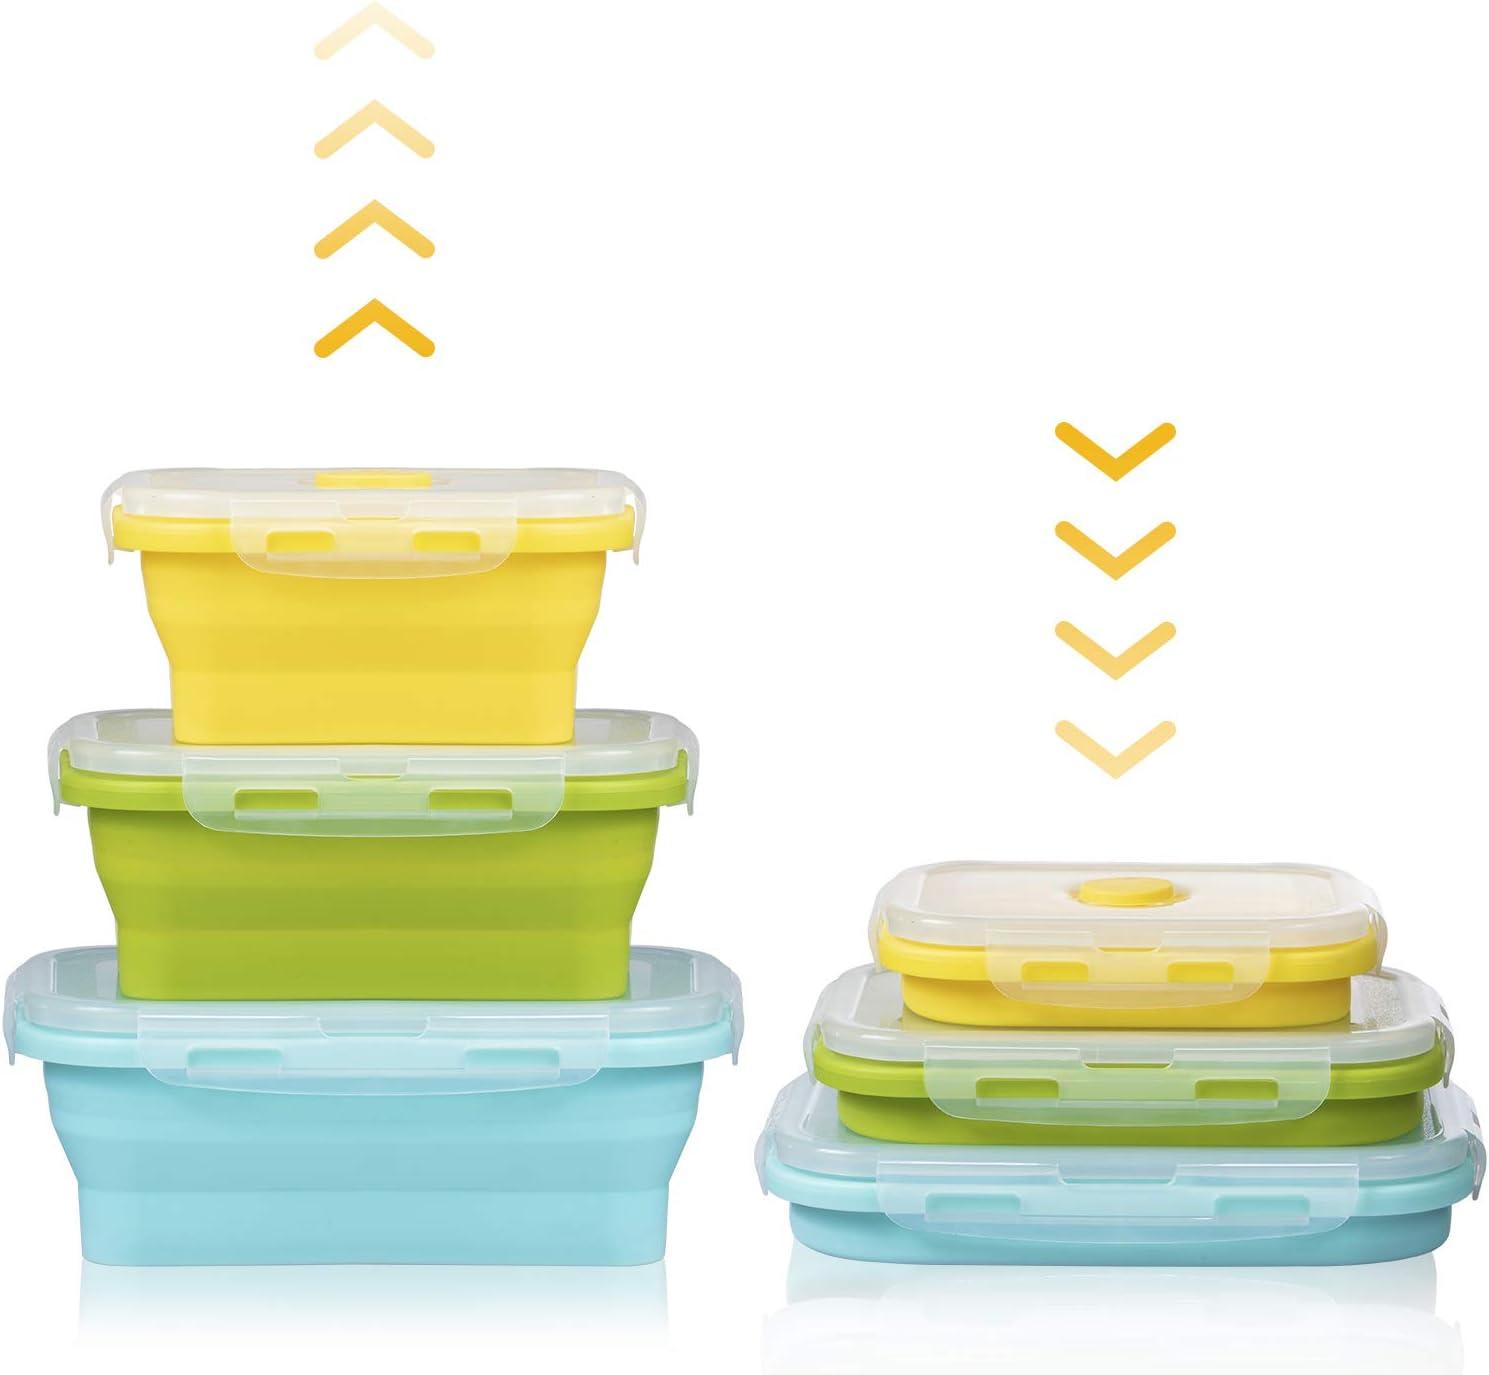 Czemo Recipientes de Silicona para Alimentos Fiambrera de Silicona Plegable Almacenamiento de Alimentos - Contenedores para Horno, Microondas, Congelador y Lavavajillas